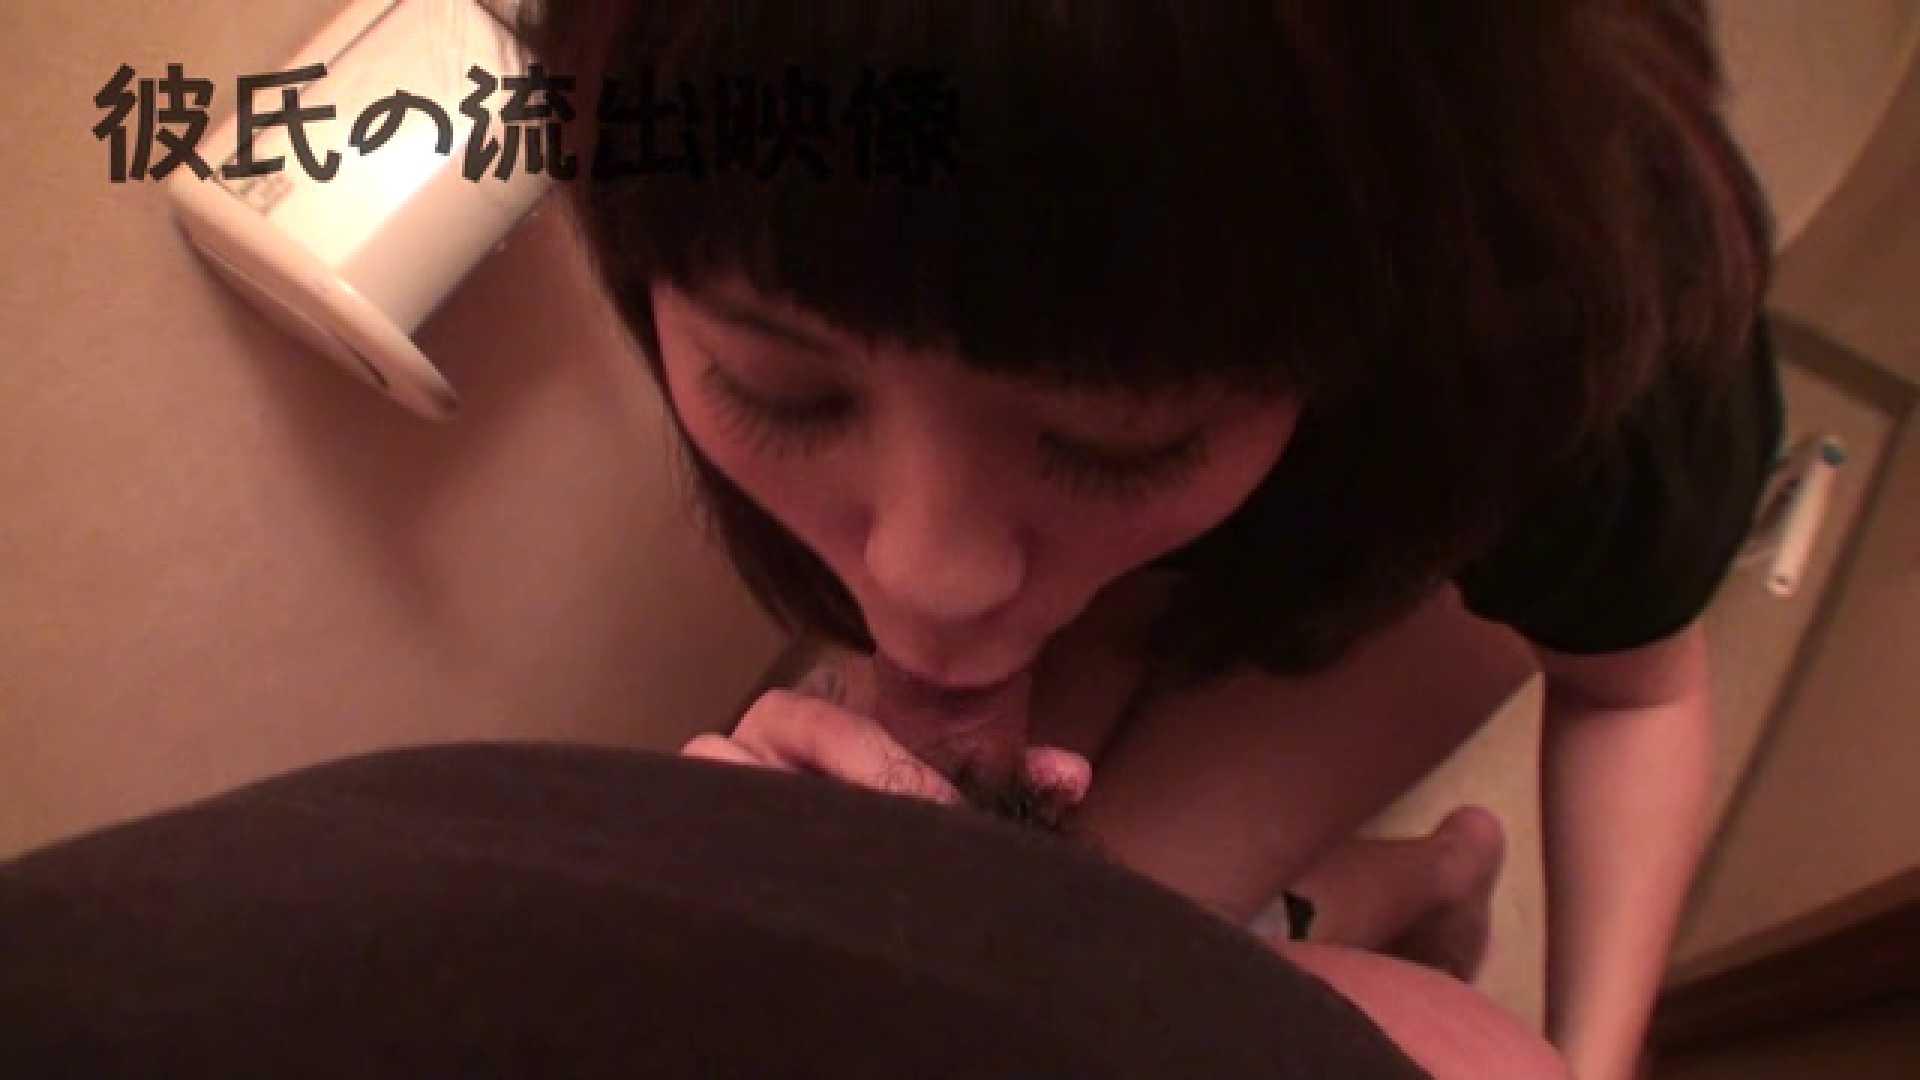 彼氏が流出 パイパン素人嬢のハメ撮り映像 パイパンギャル | 一般投稿  68画像 8